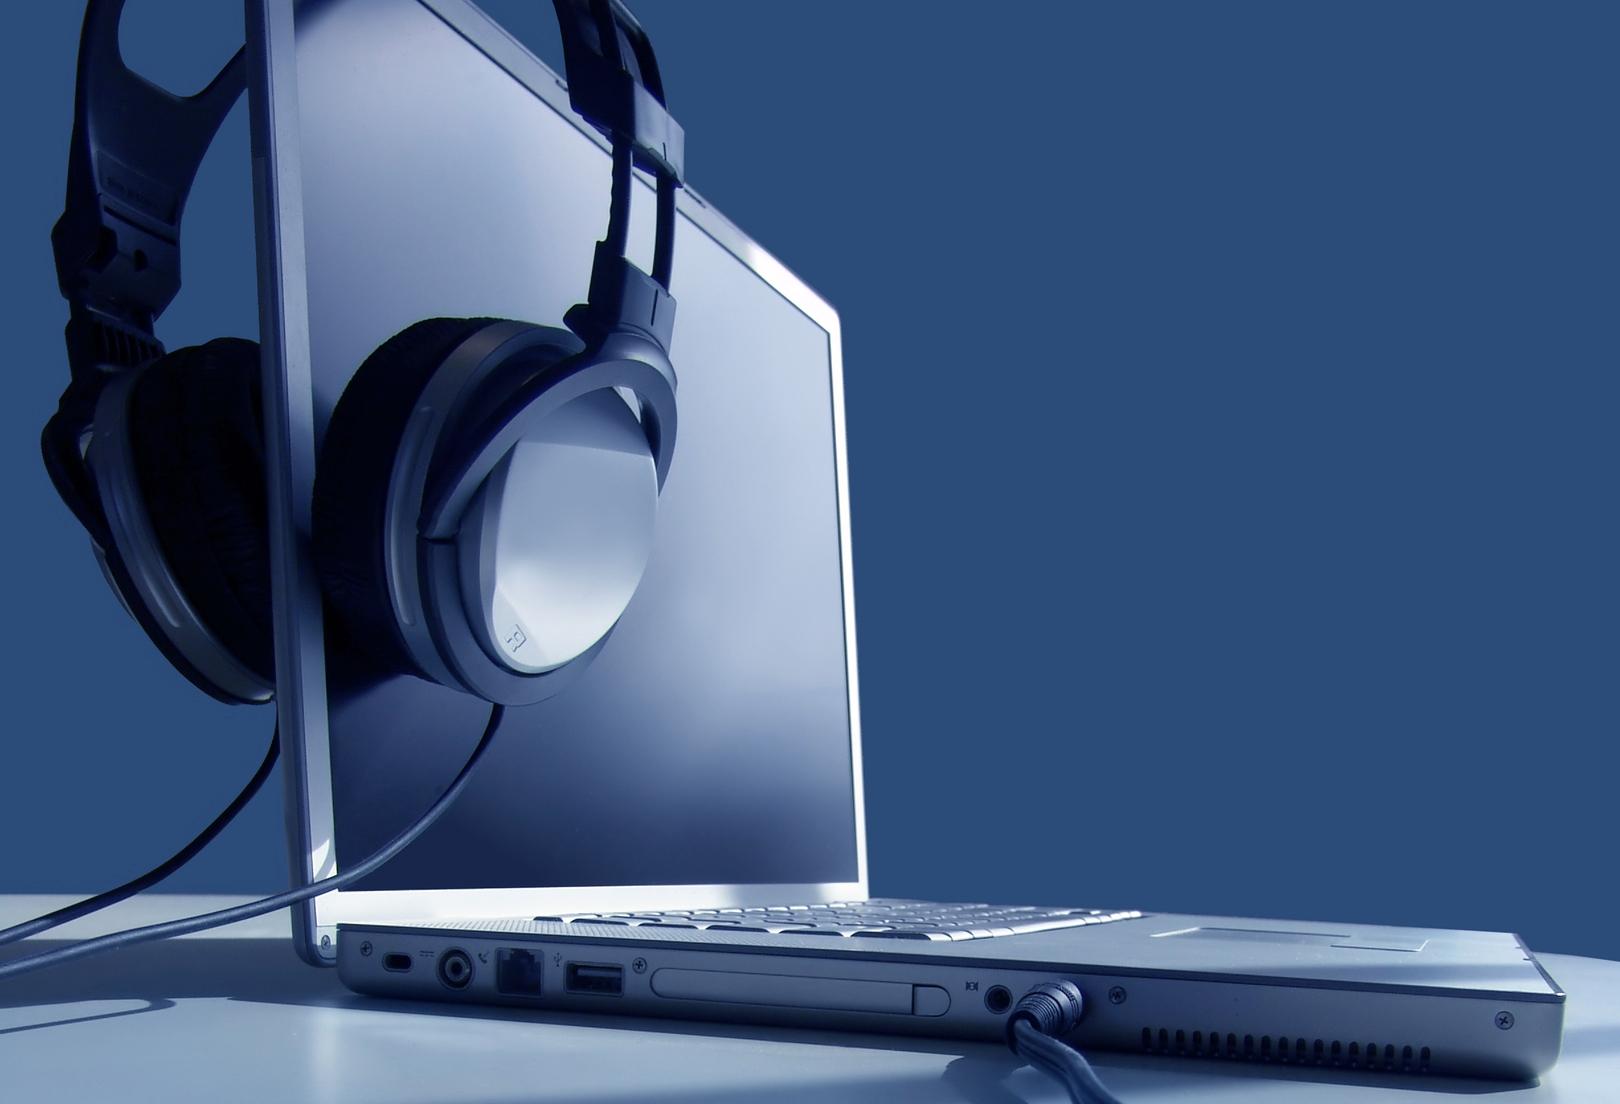 Что делать если пропал звук на ноутбуке